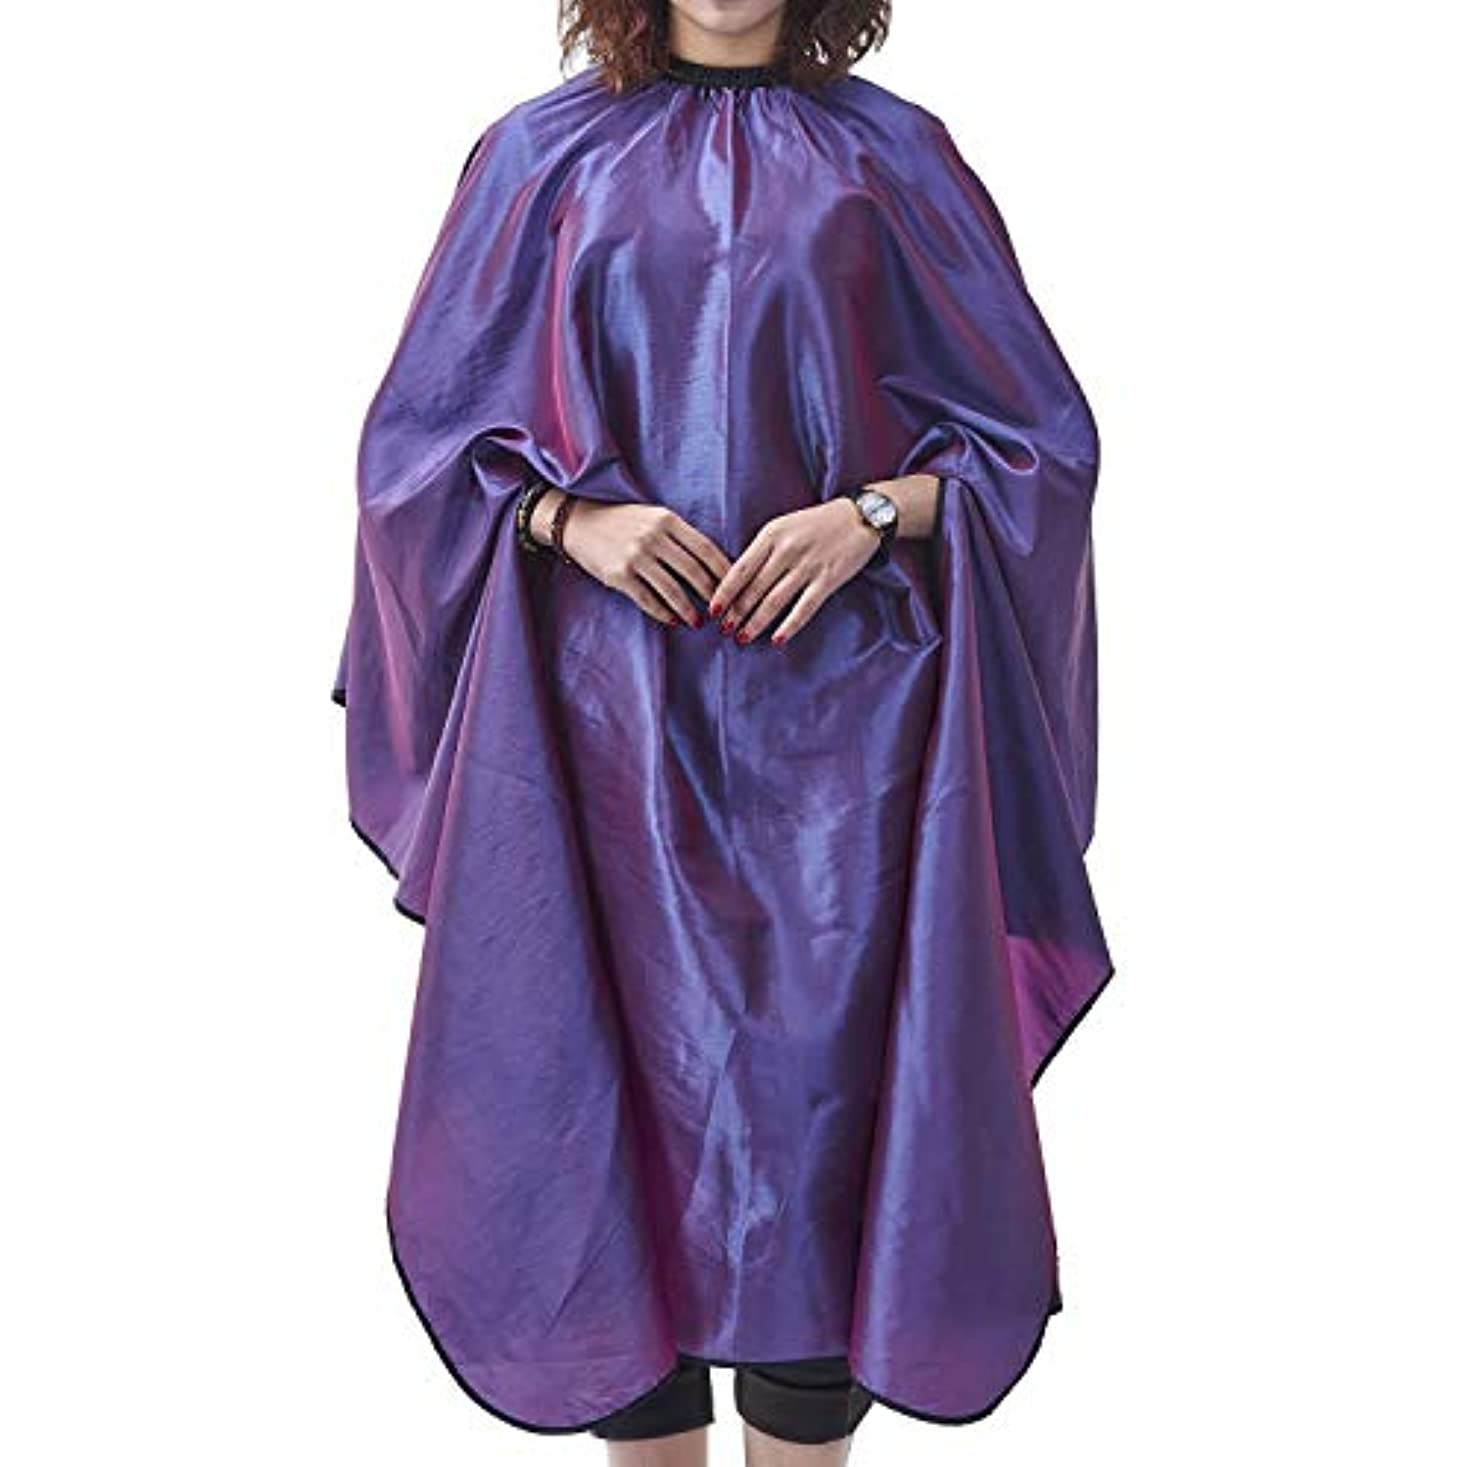 ディプロマステートメント対抗HIZLJJ サロンケープエプロンバーバーシャ??ンプーオイルスタイリングヘアカット美容師職業理髪店用品よだれかけ (Color : Purple)